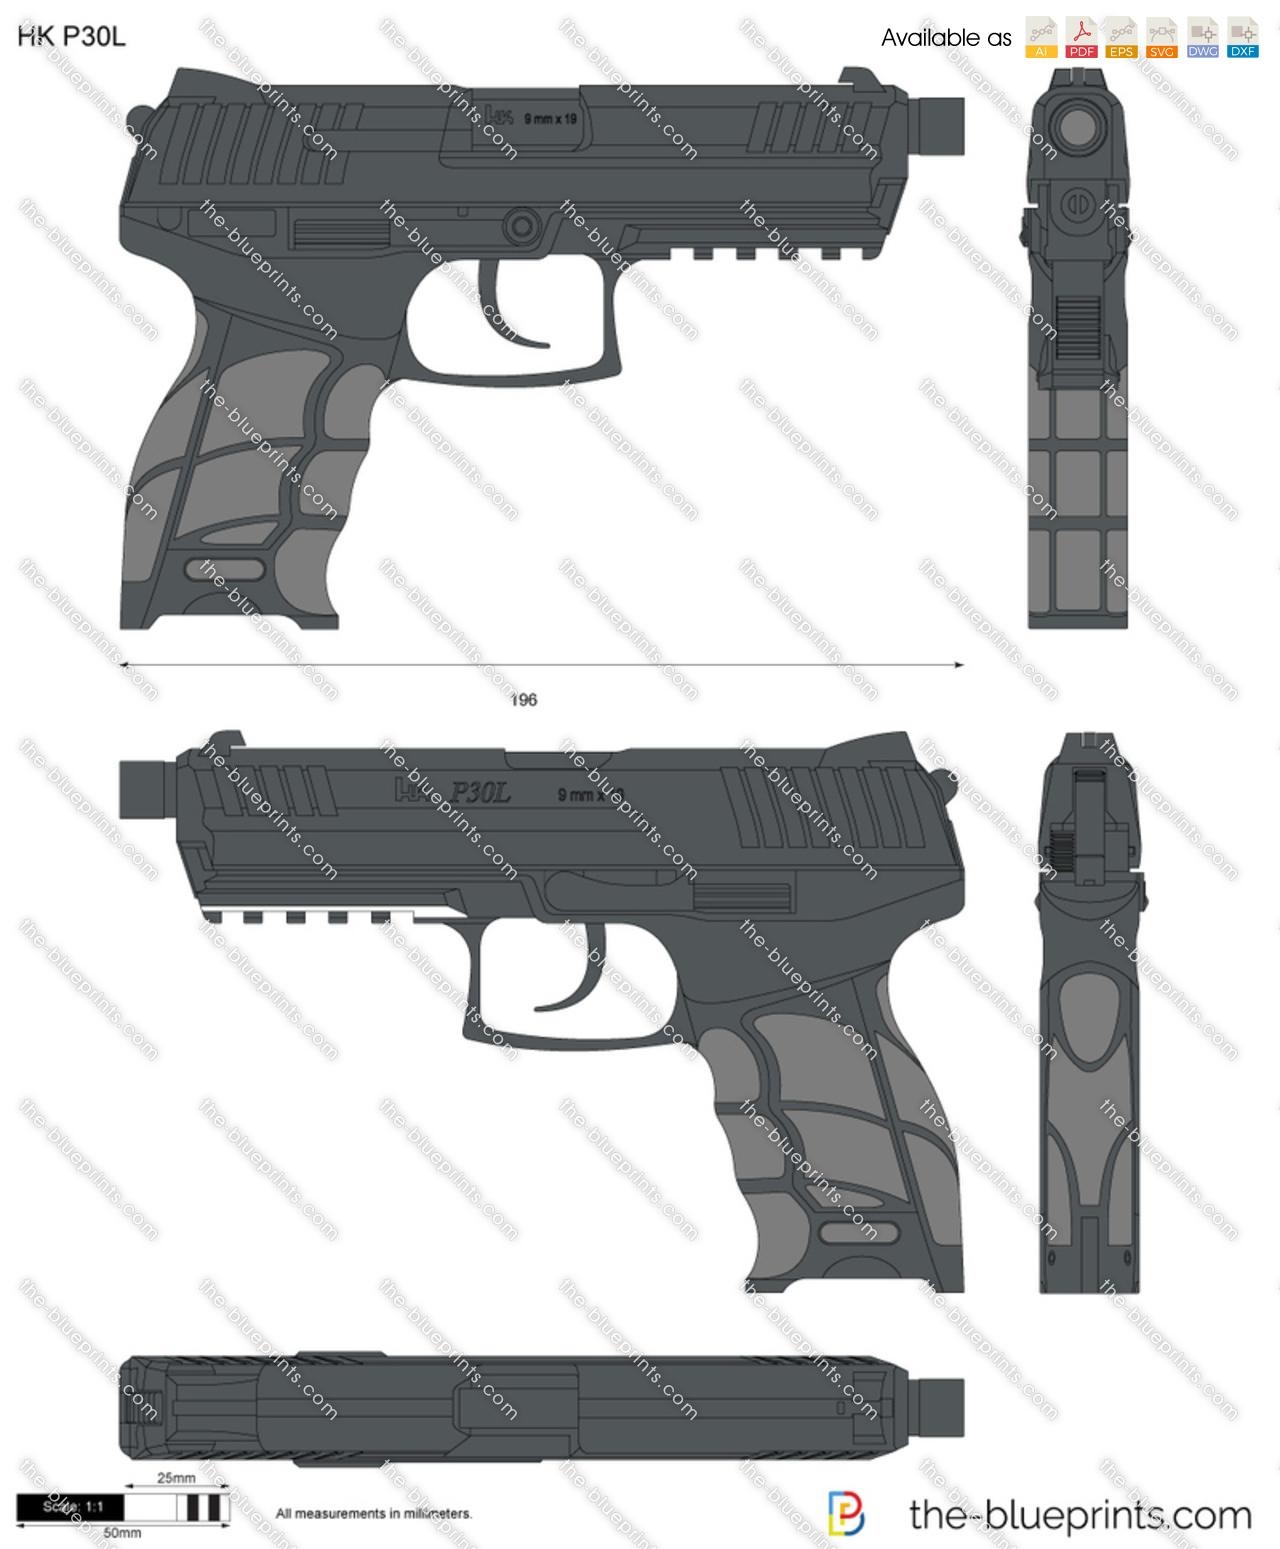 HK P30L